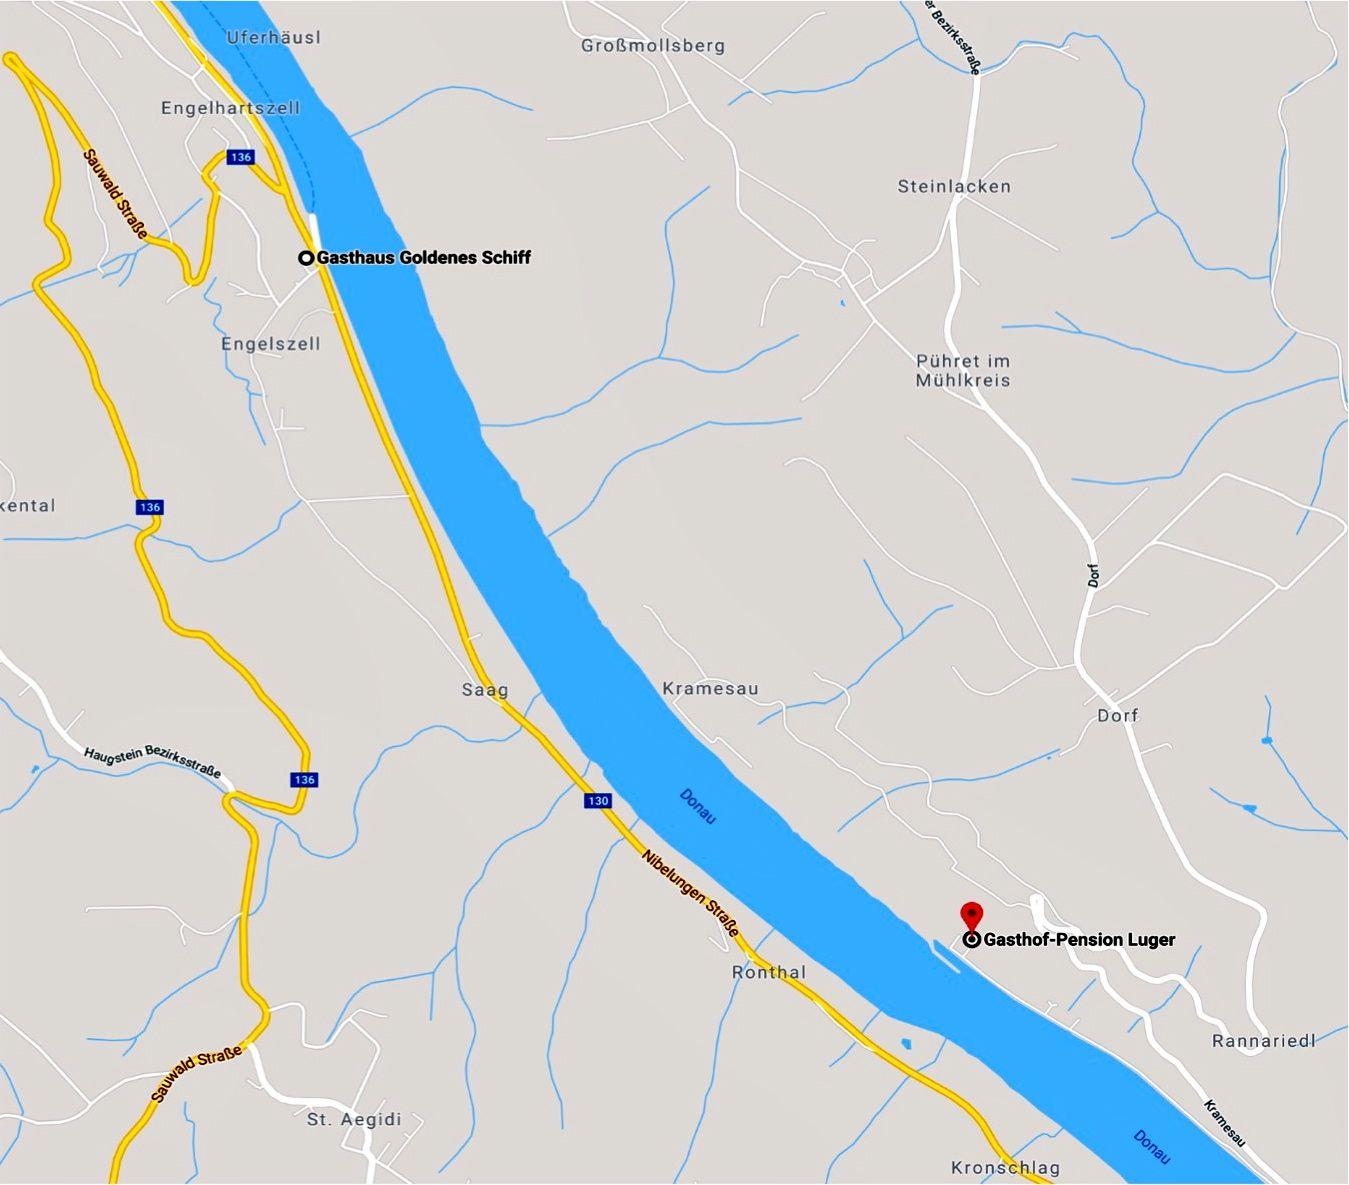 Engelhartszell für alle als Einstieg, die erst am Samstag Zeit haben, rechts in der Kramesau beim Hafen nächtigen wir Fr/Sa bei Fam Ernst Luger.